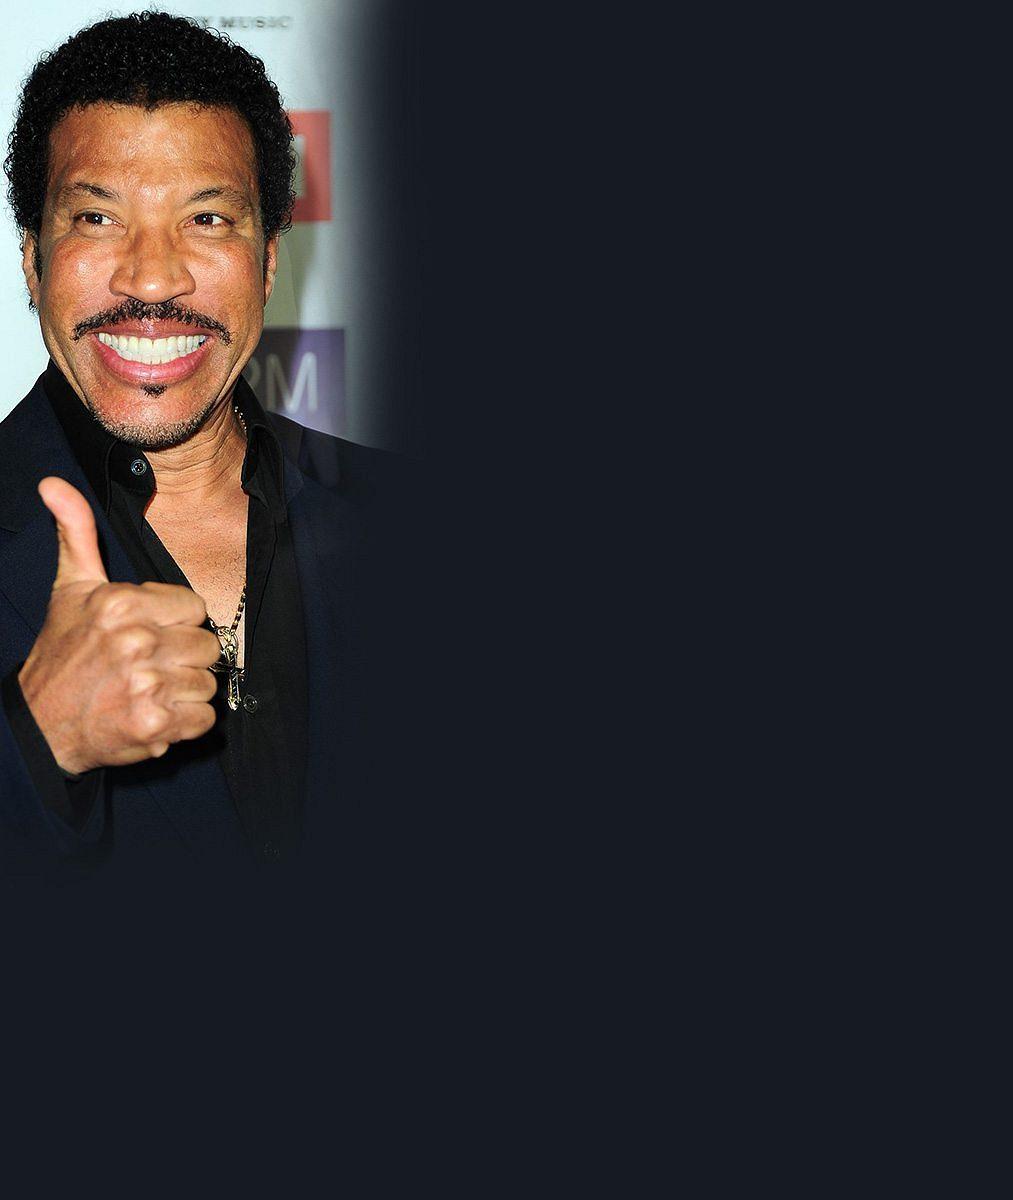 Divoká osmdesátá? Lionel Richie prý může být otcem Khloé Kardashian!